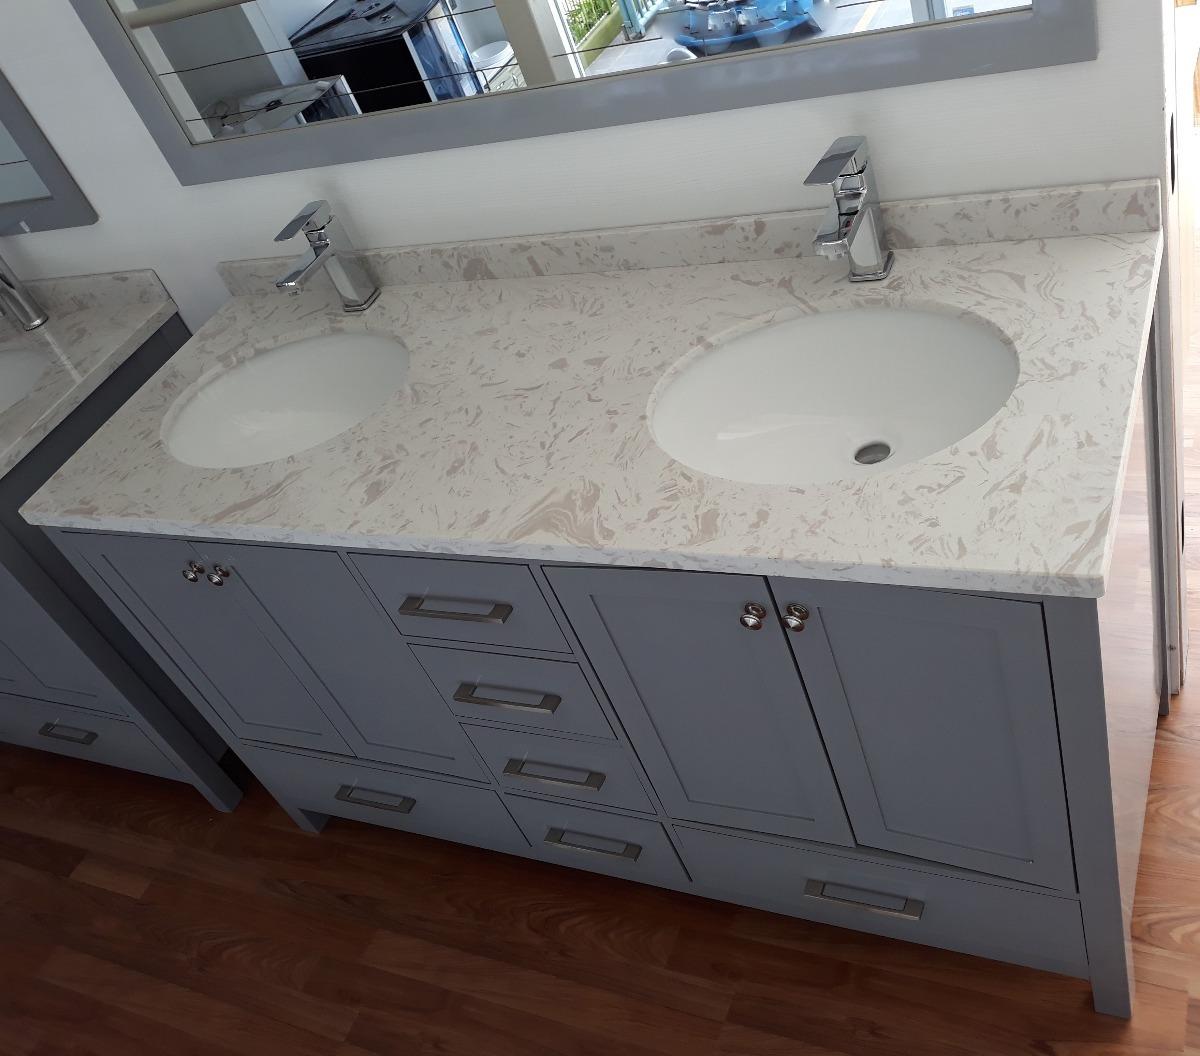 adc34cd3a Mueble Baño Mod 2030 - 150x57- Mesada De Marmol 2 Bachas - U$S 1.380 ...